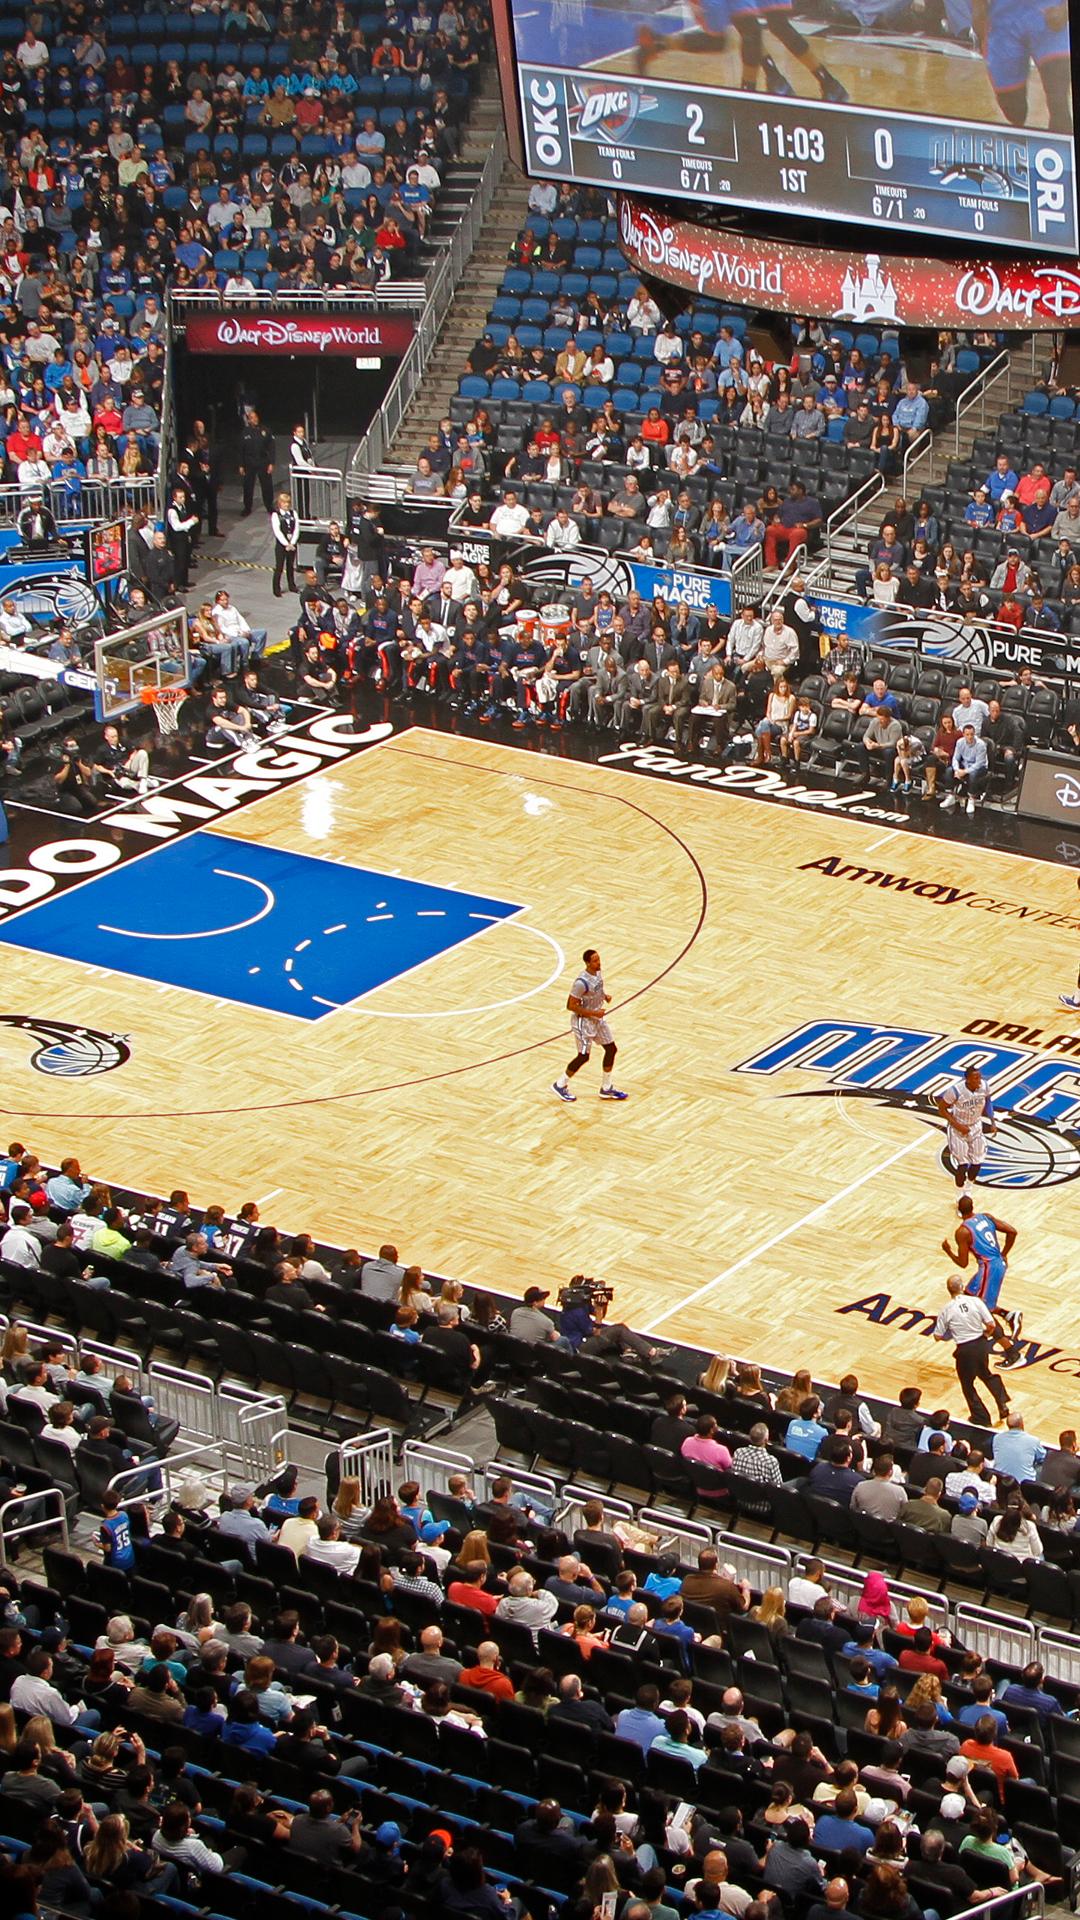 NBA game, basketball